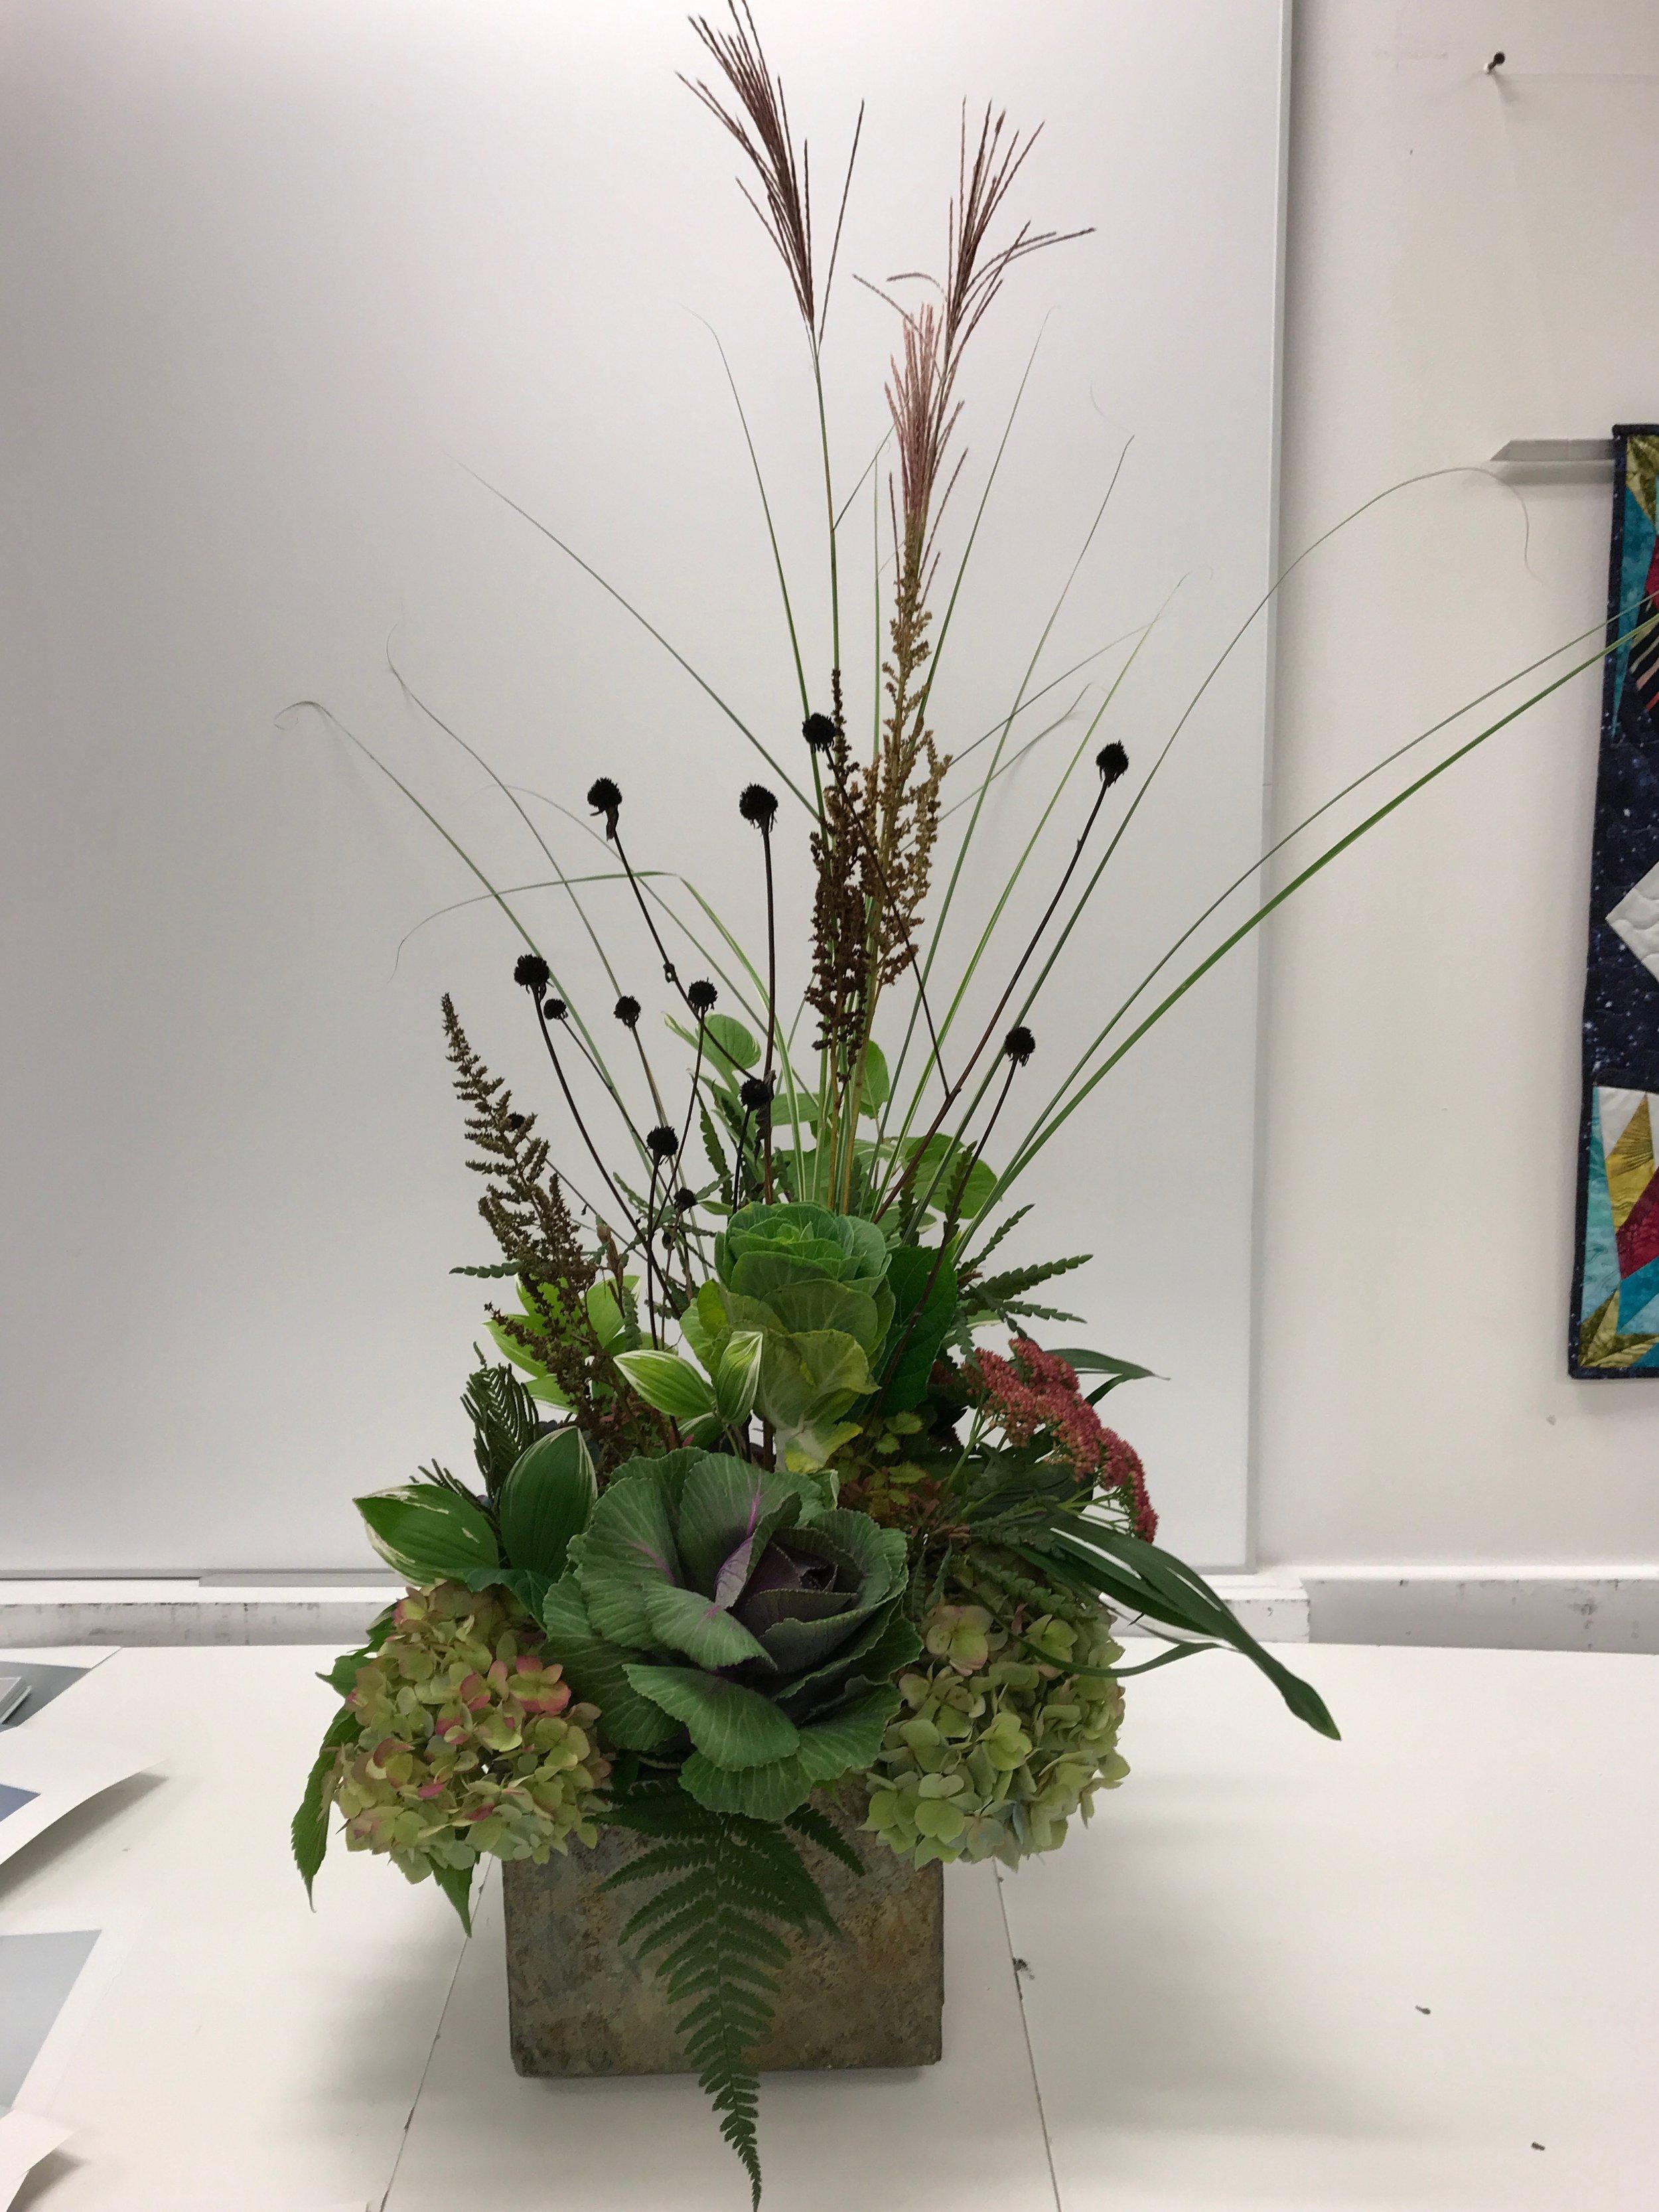 Floral workshop, 10-18-17over,  MA, October 18, 2017 - 1 of 16 (6).jpg